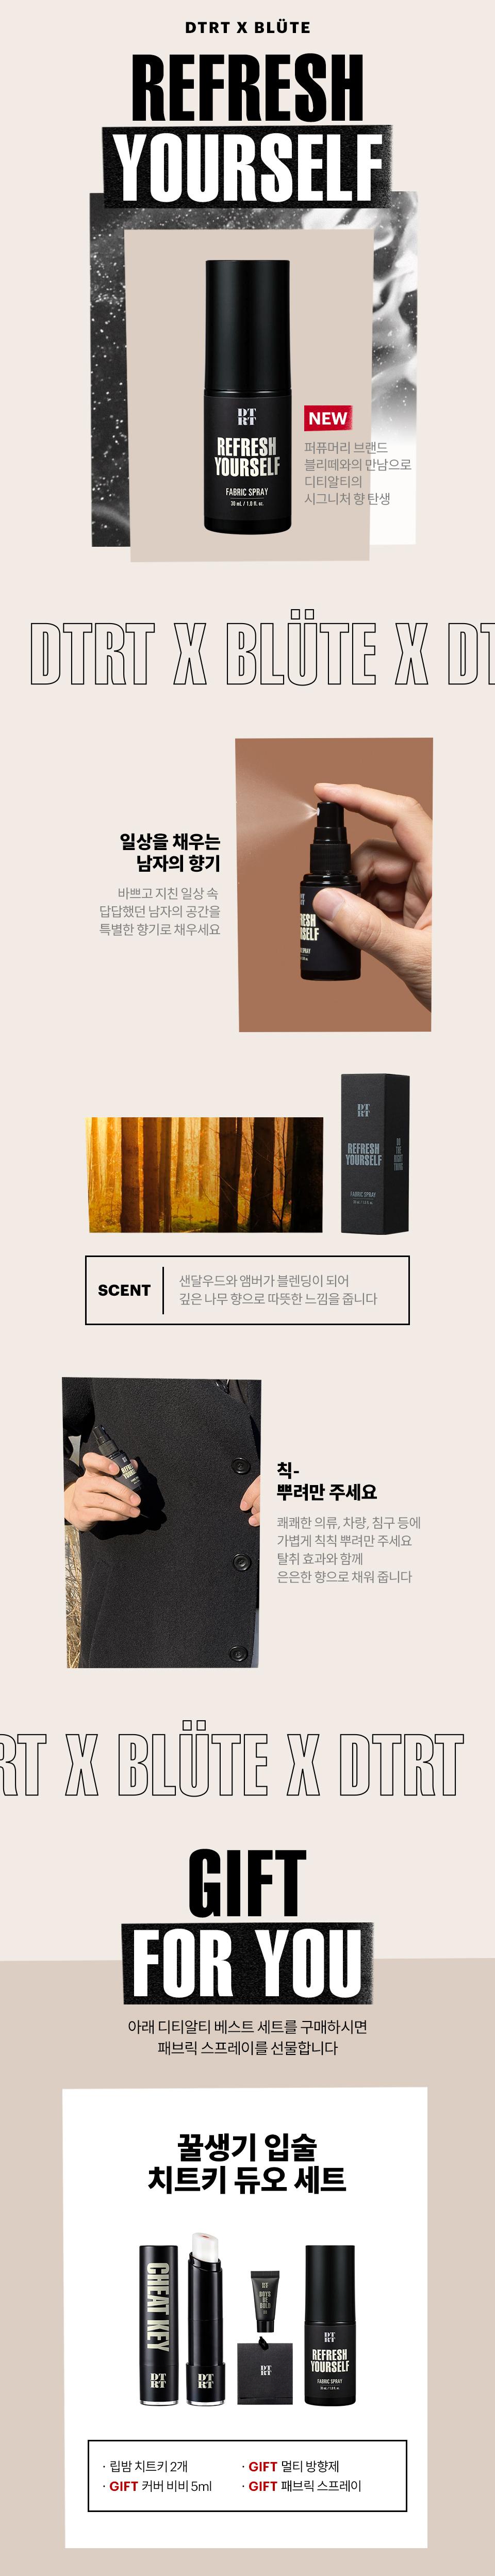 디티알티(DTRT) 립밤 치트키 듀오세트_온라인 기획세트